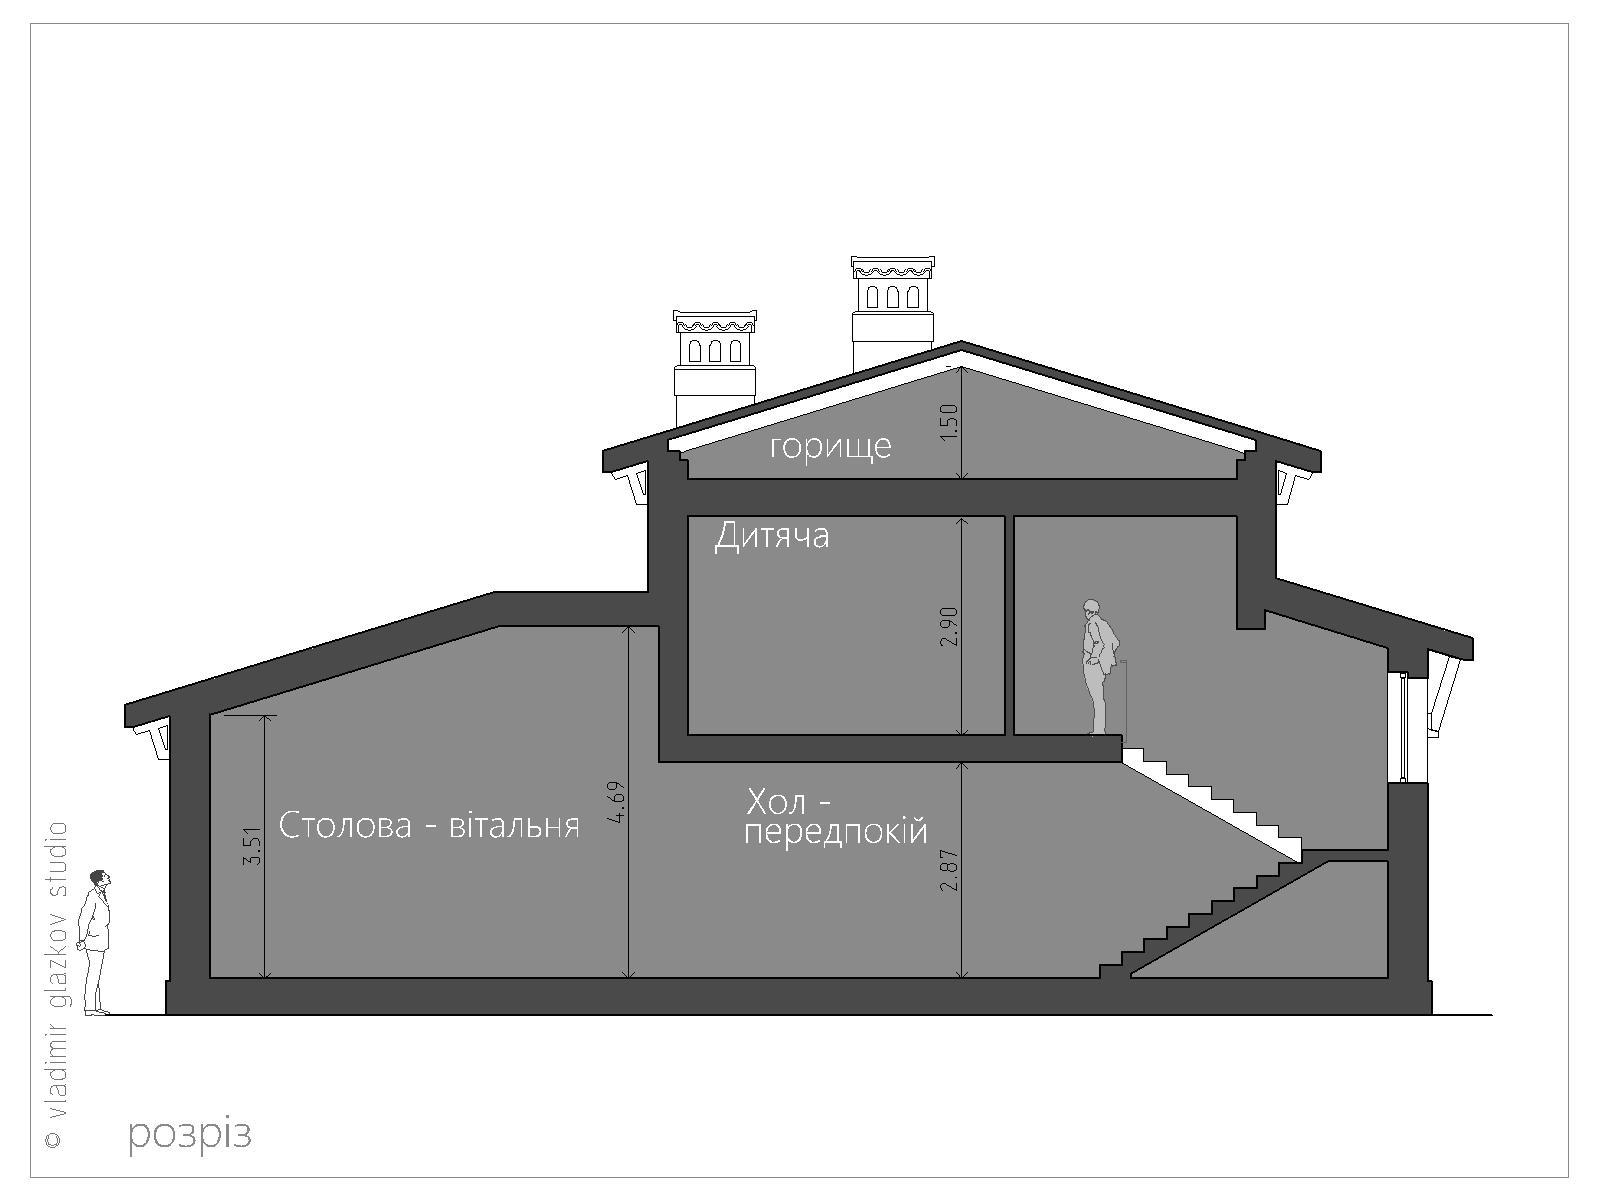 Проект будинку в Середземноморському стилі з терасами панорамними вікнами, розріз